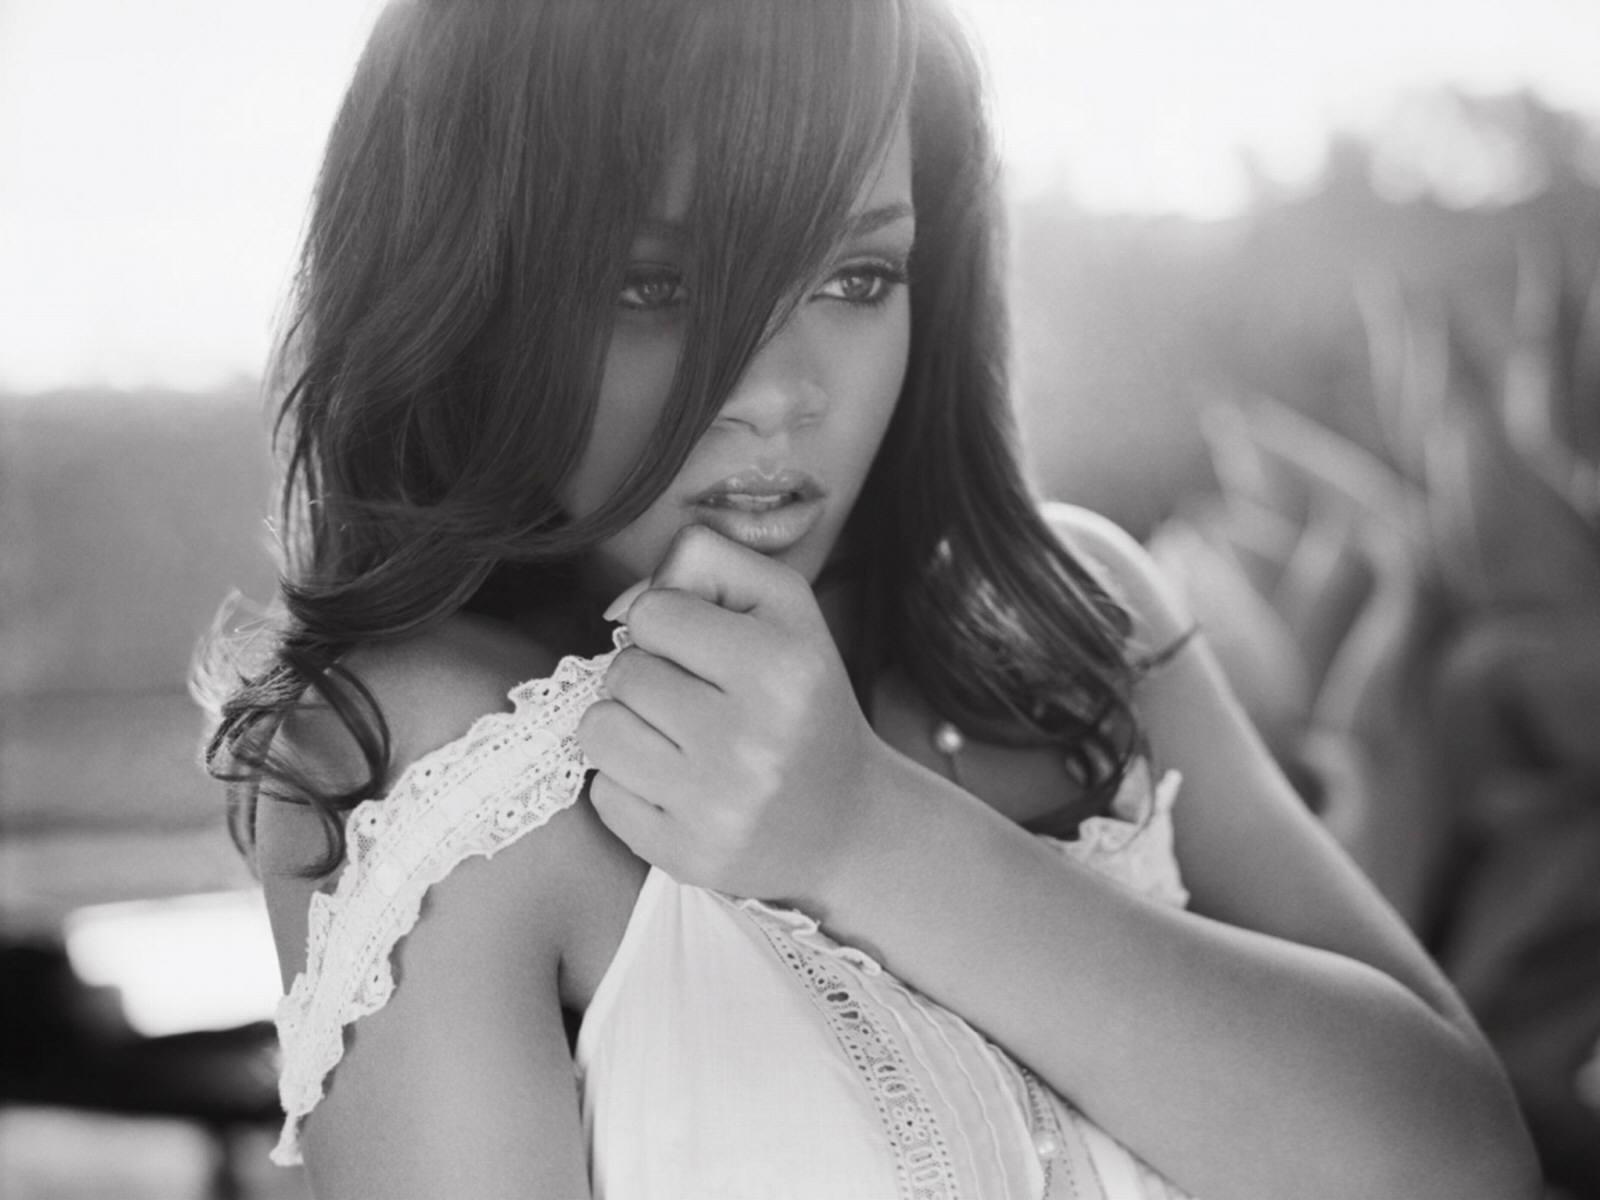 http://4.bp.blogspot.com/-qFZW0Of6lHQ/TyanlrmnjCI/AAAAAAAAC8Q/XF2fc4pMxtQ/s1600/Rihanna-wallpapers-2012-2.jpg